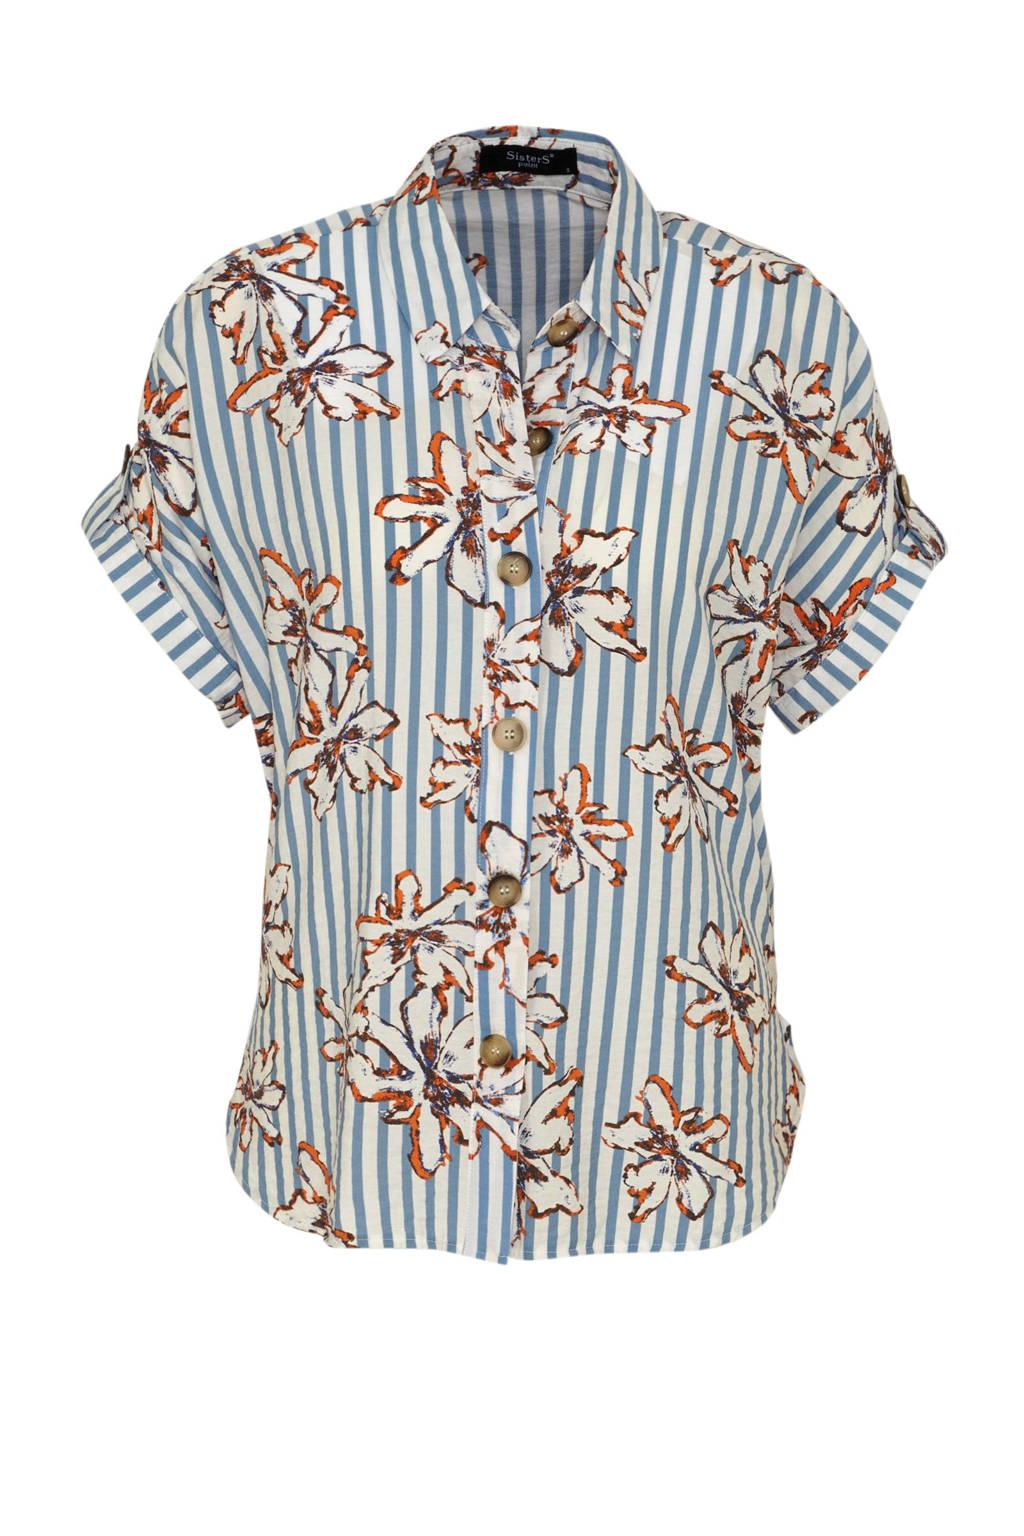 SisterS Point gestreepte blouse blauw/wit/oranje, Blauw/wit/oranje